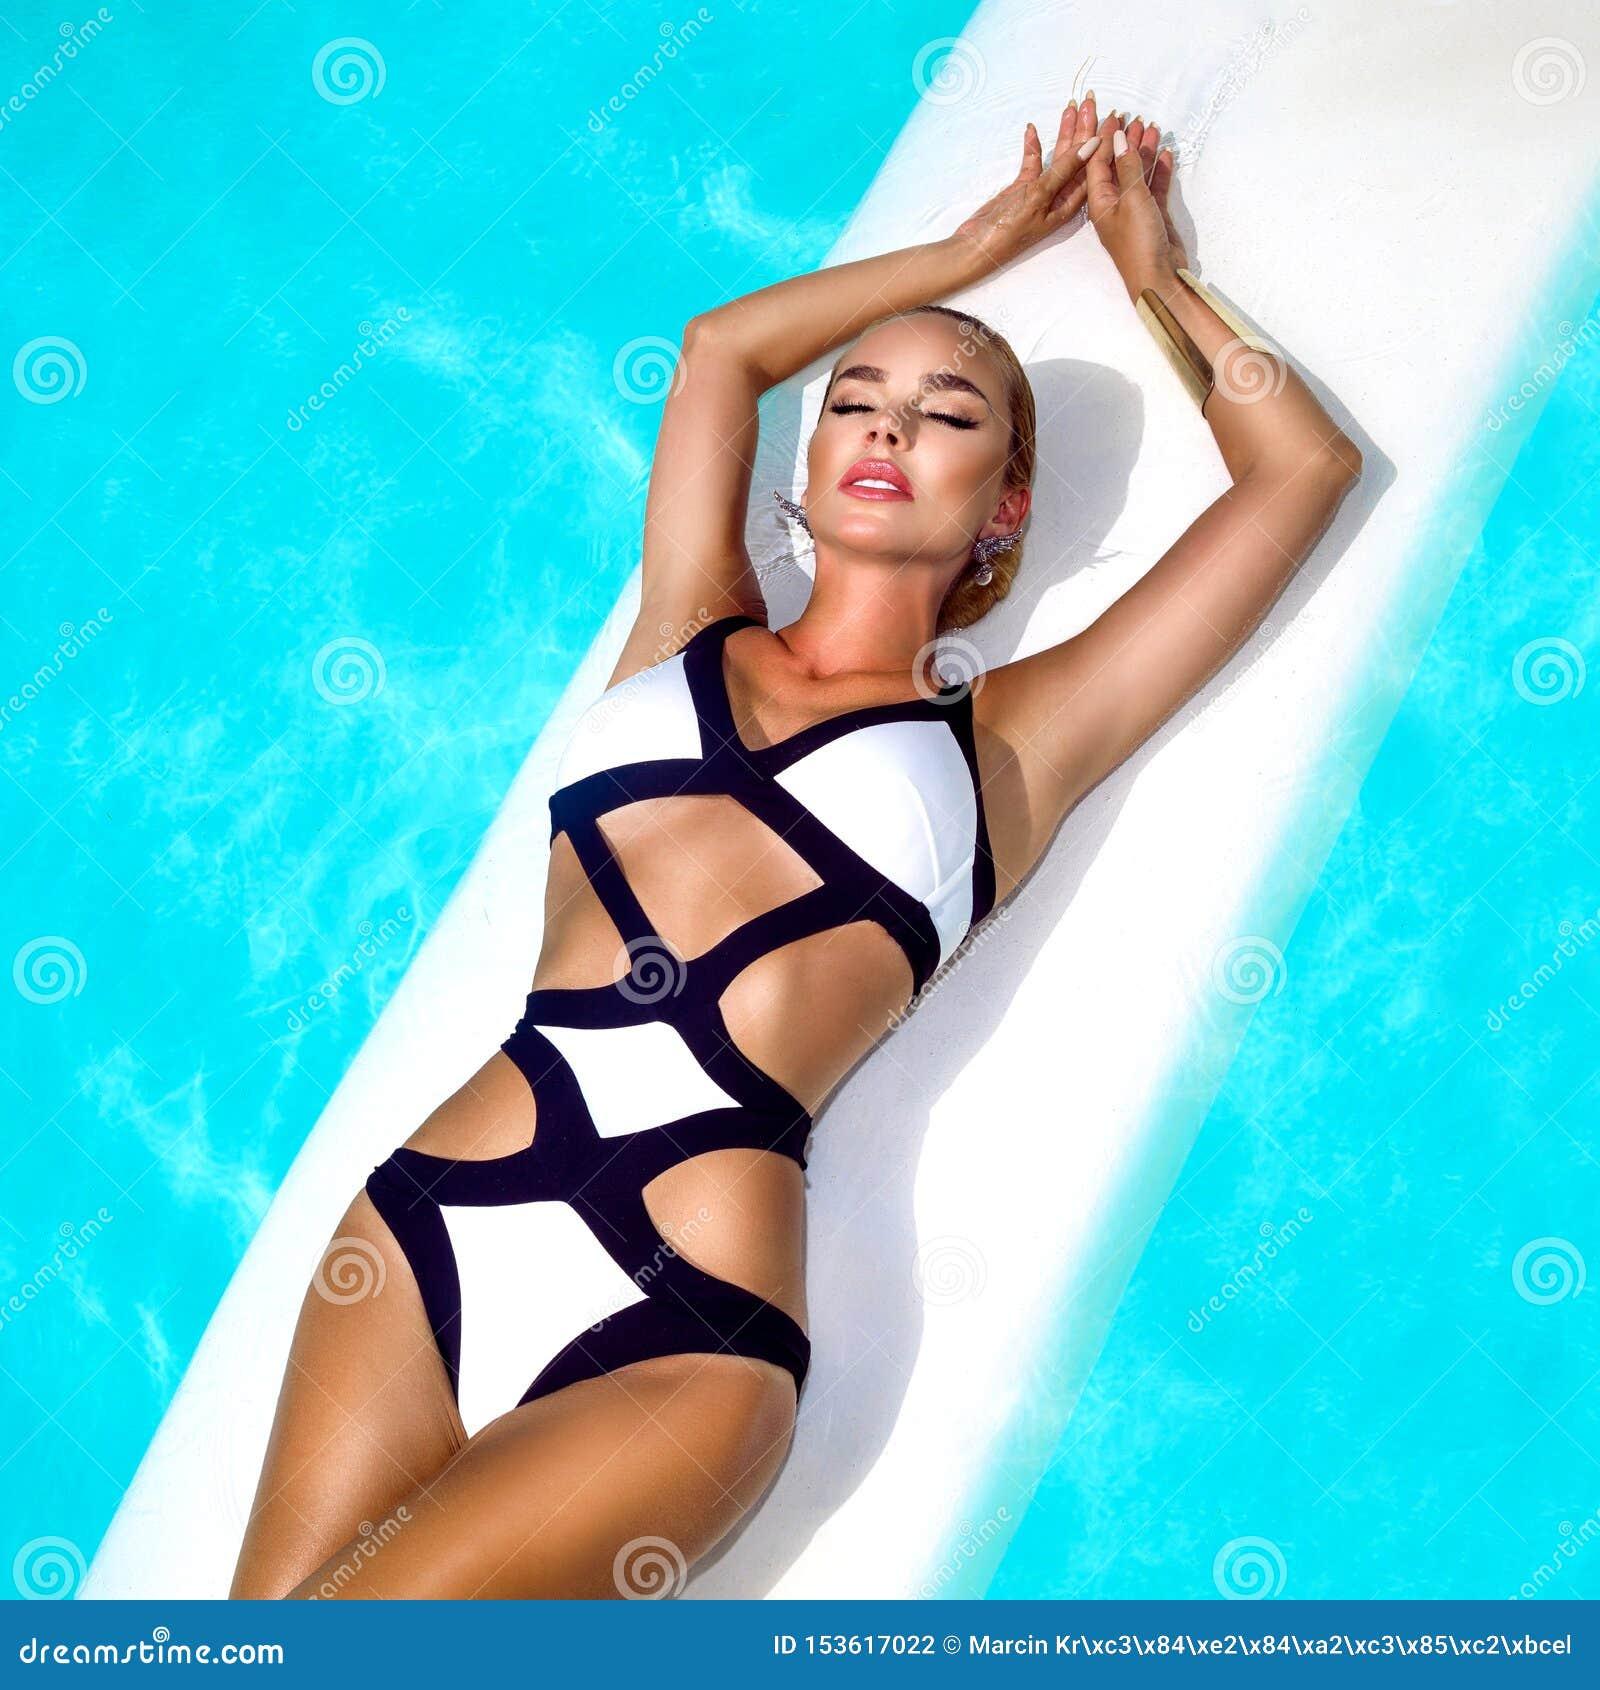 La femme sexy élégante dans le bikini noir et blanc sur le corps mince et bien fait bronzé pose près de la piscine - image